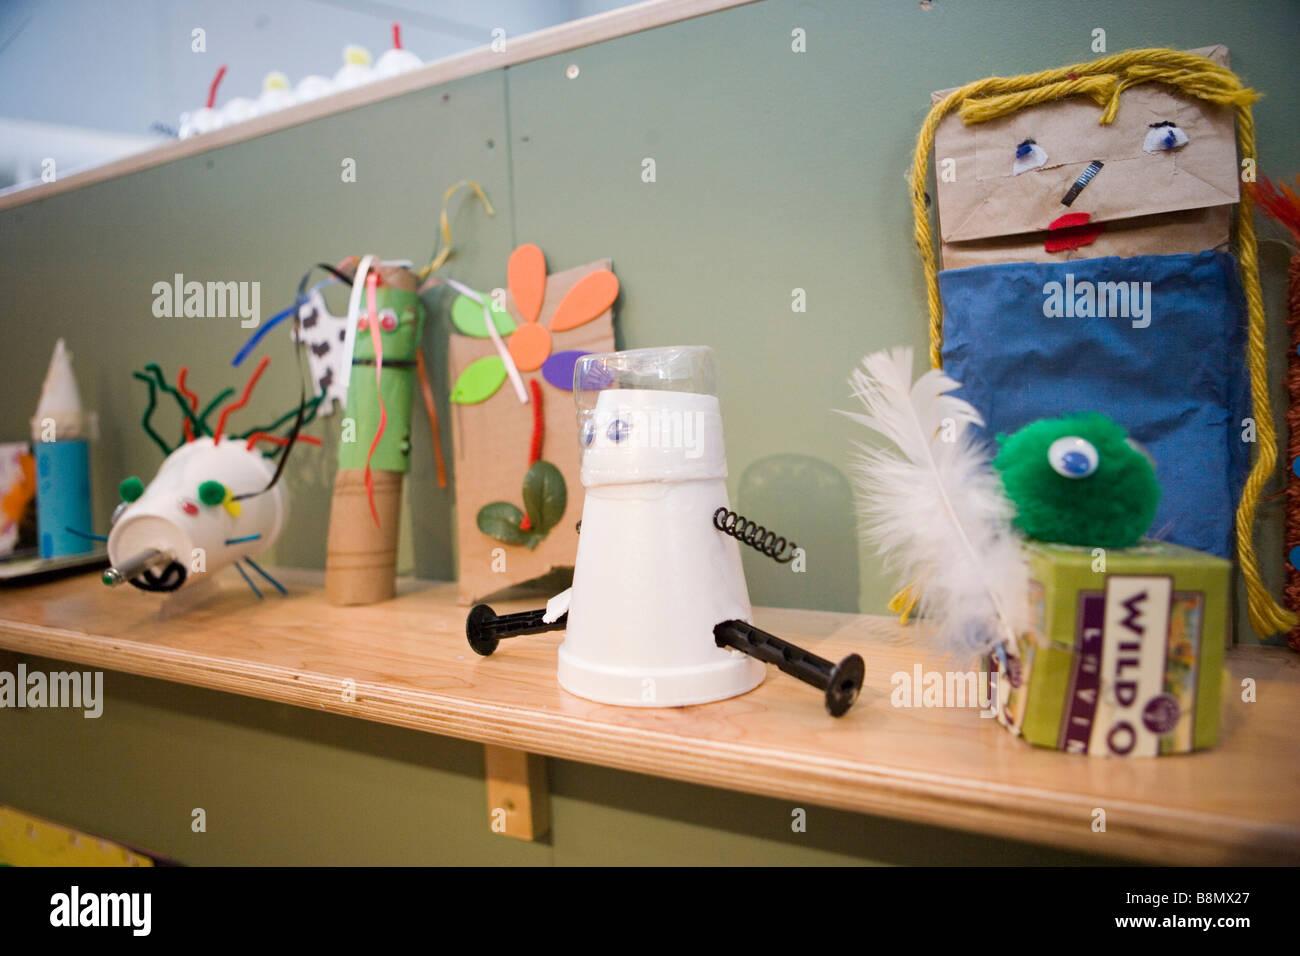 Marionnettes, poupées, sacs et jouets fabriqués de matériaux recyclés simple Photo Stock